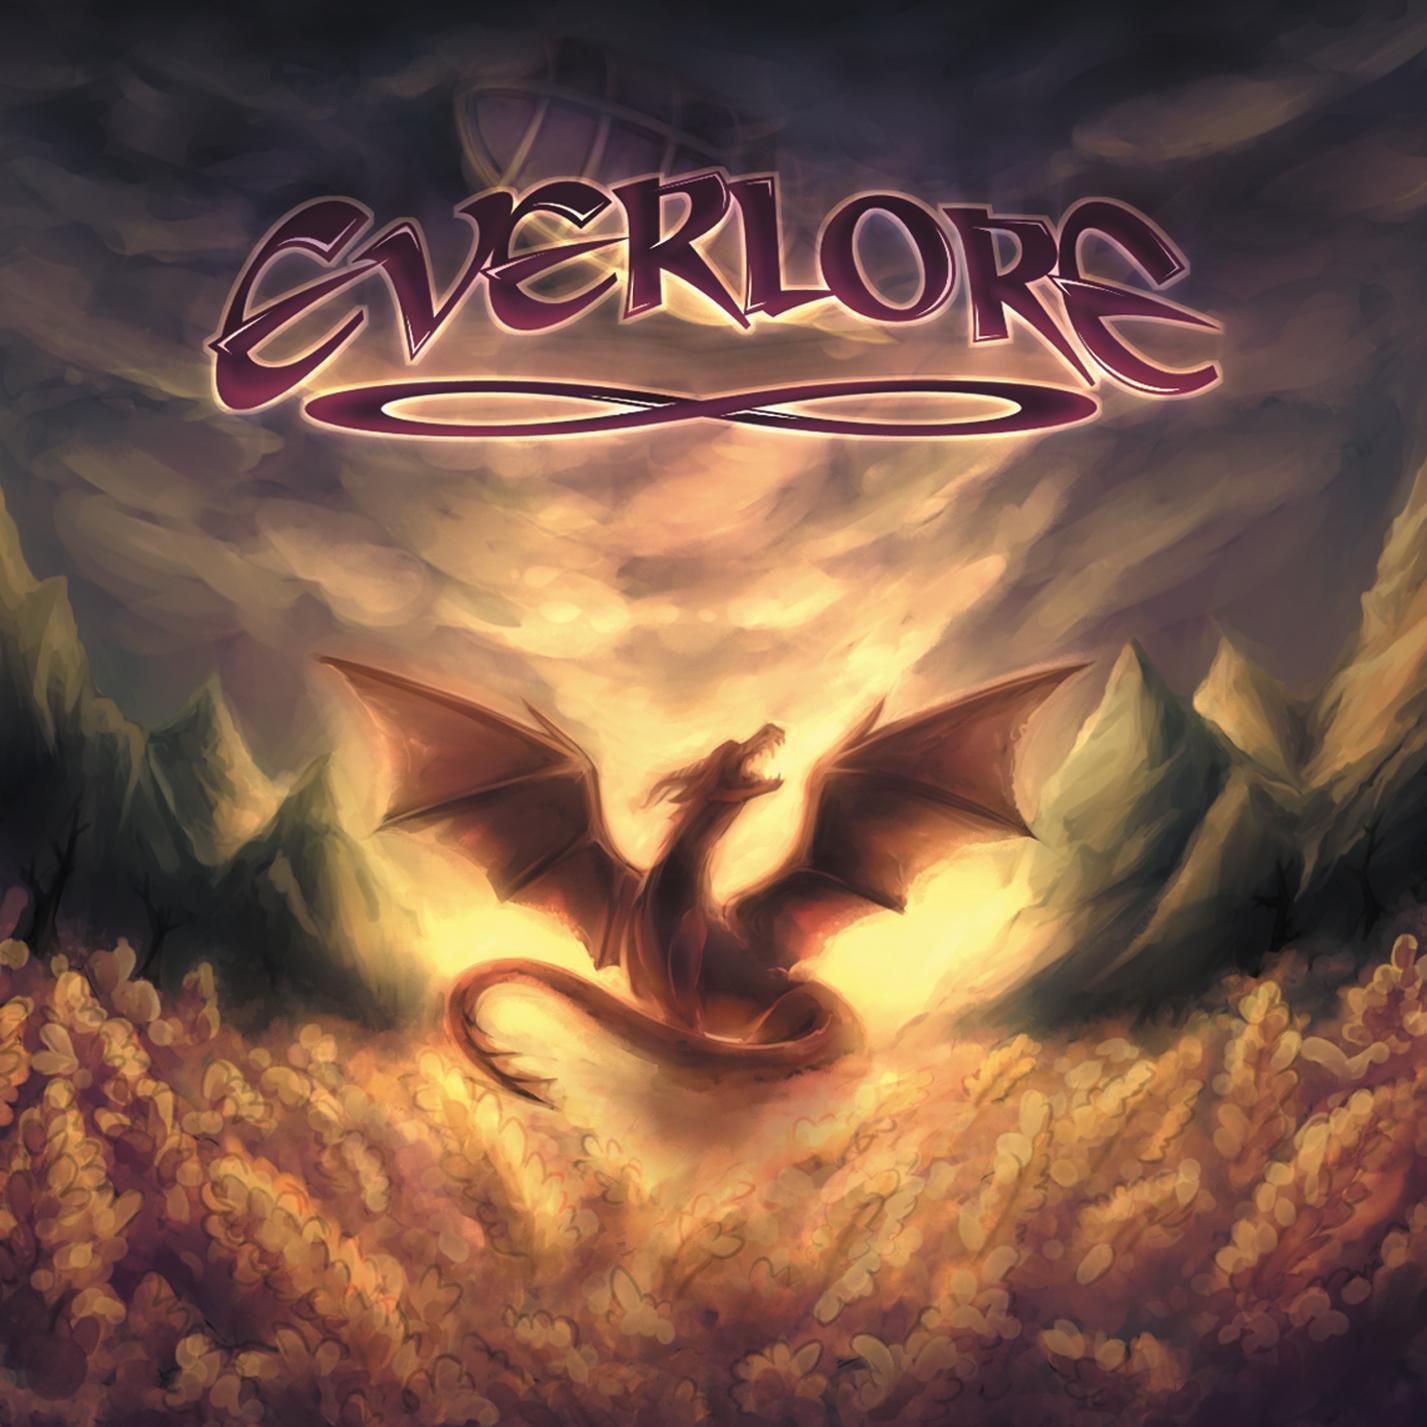 everlore-everlore-album-review